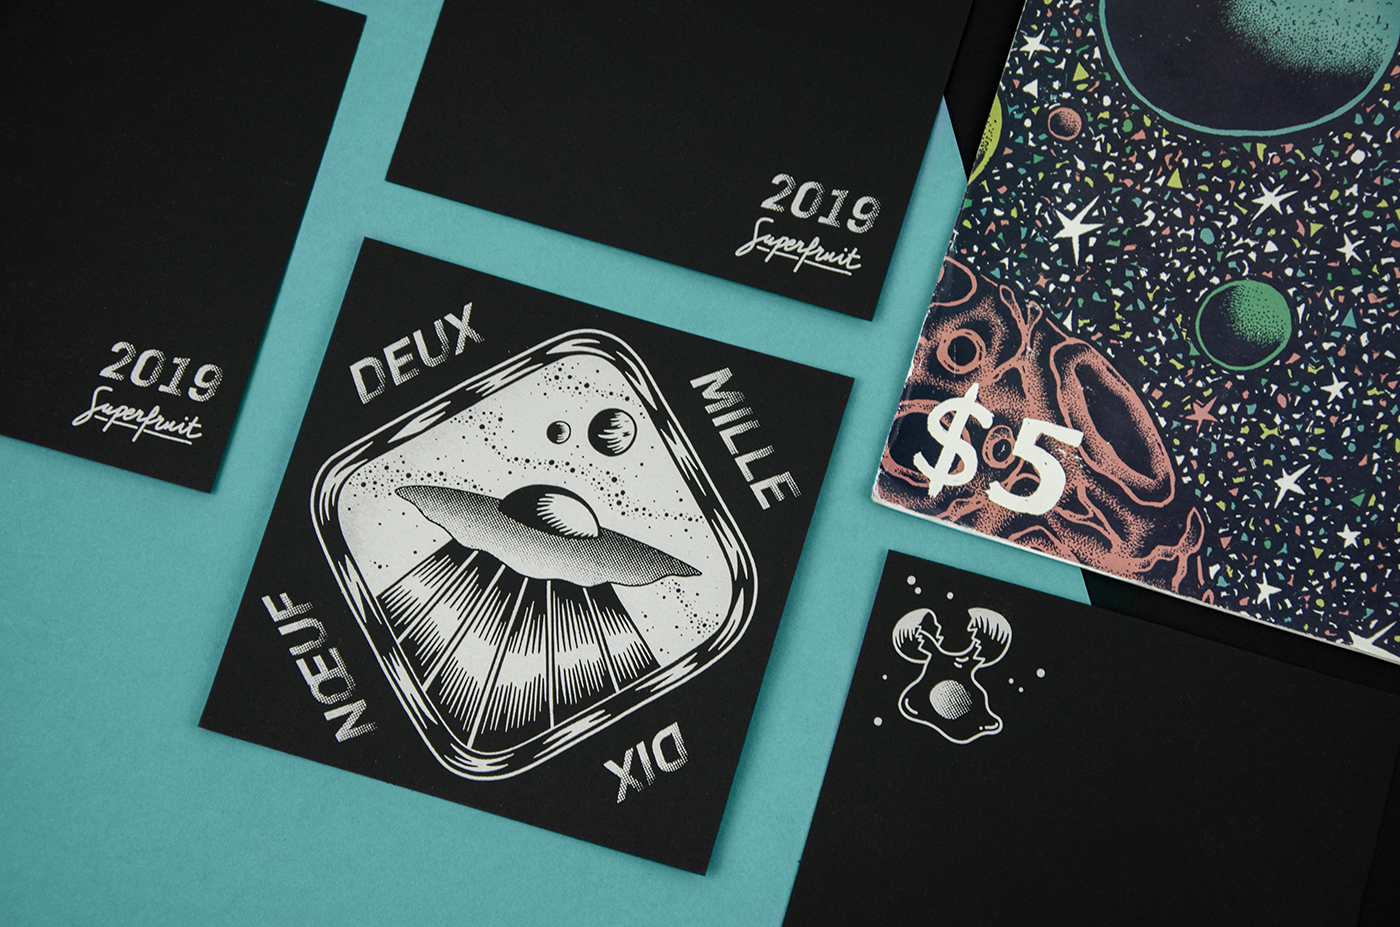 Composition photographique avec les cartes de voeux 2019 recto et verso et un comics sur le thème de l'espace